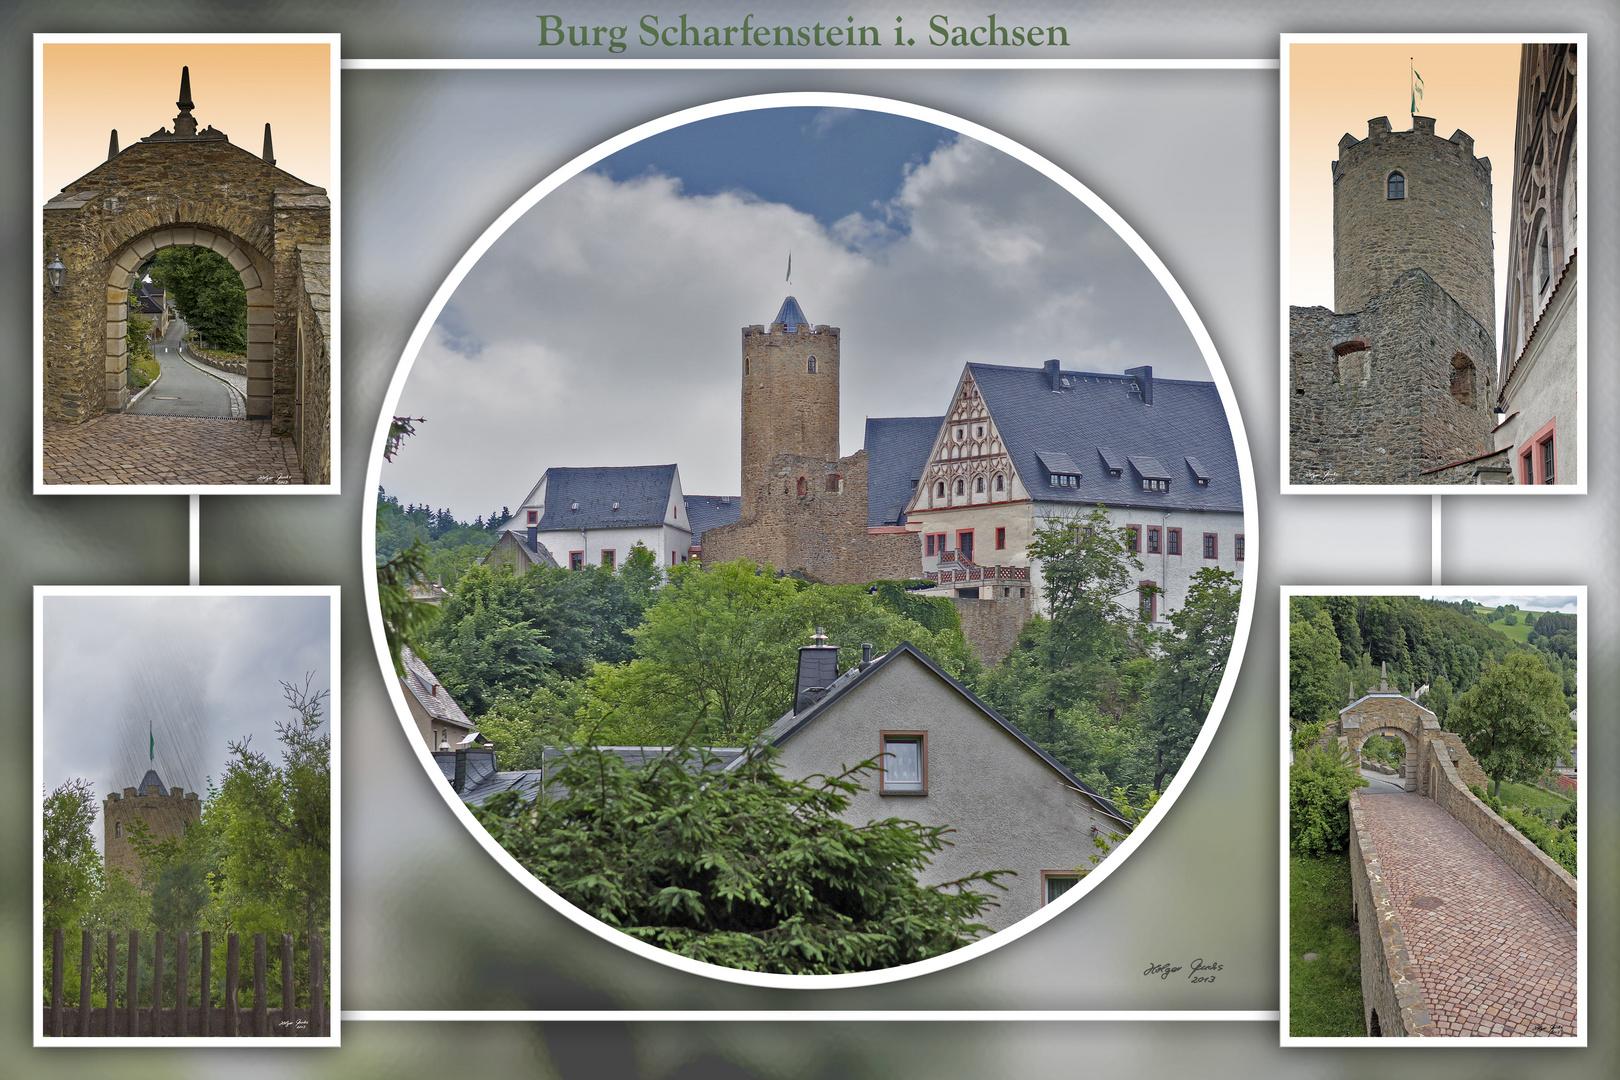 Collage Burg Scharfenstein i. Sachsen